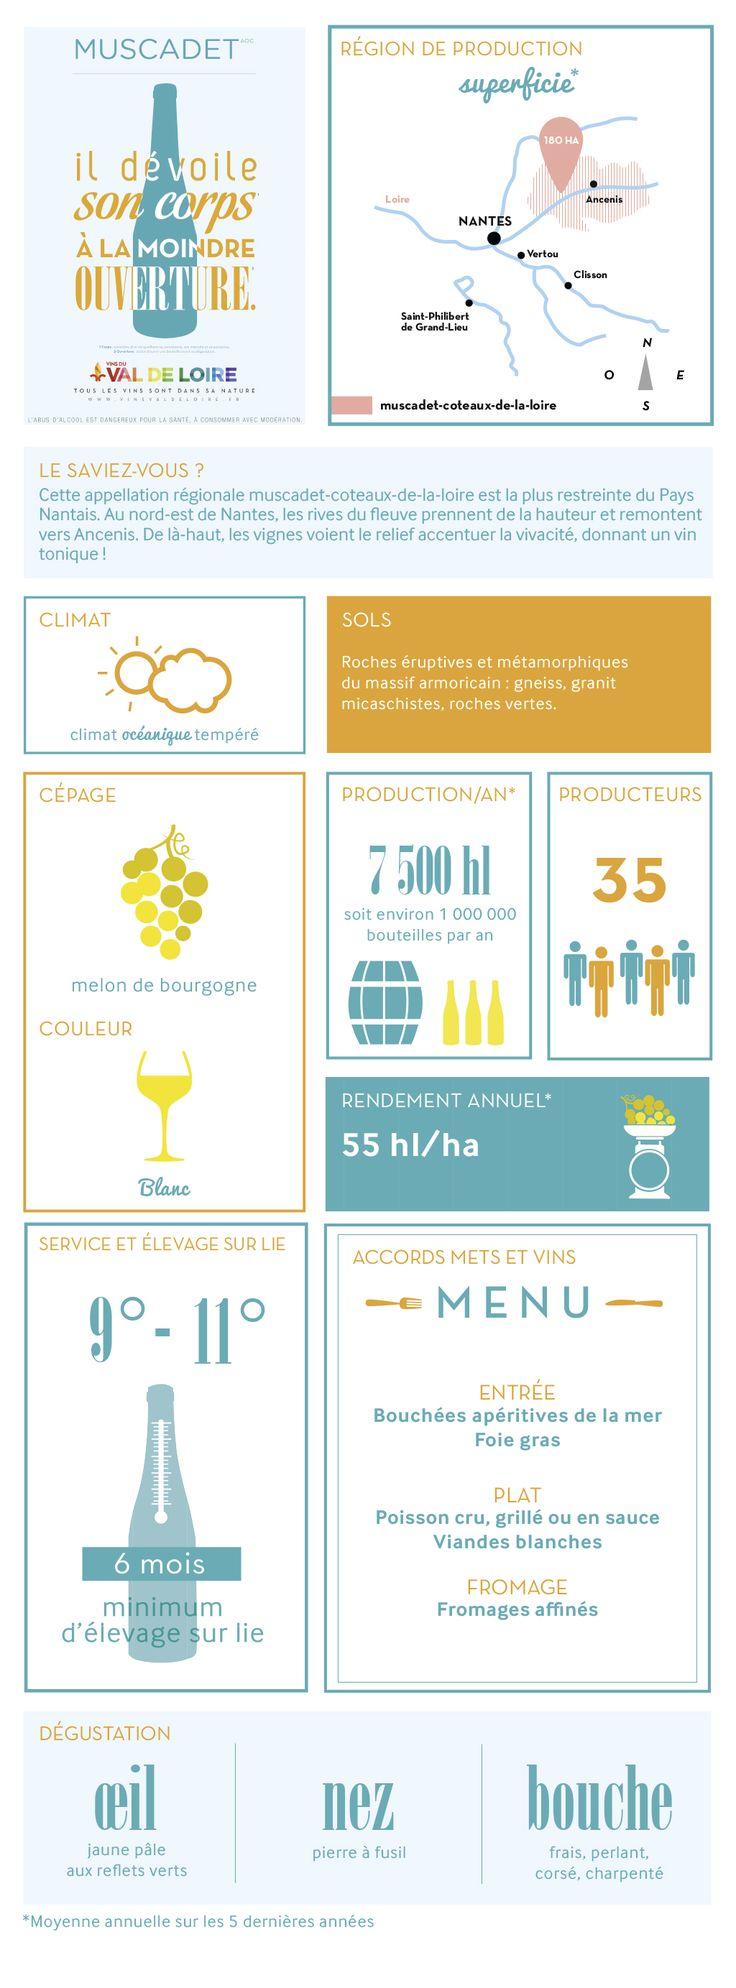 Fiche illustrée du Muscadet Coteaux de Loire, son cépage, sa production, sa dégustation...